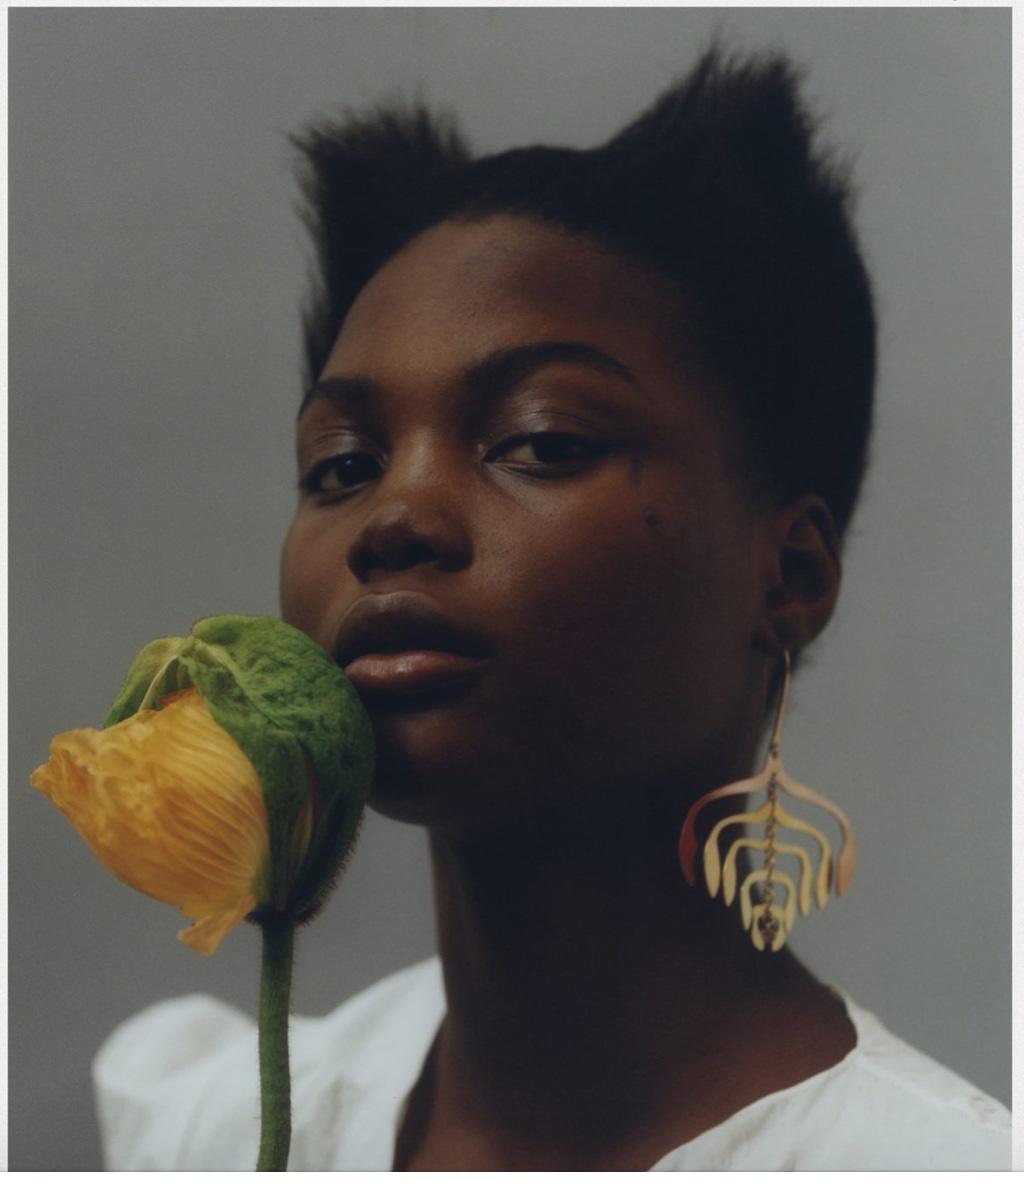 Botany Umbelliferous Earrings: Also Journal, Spring 2019  Flower Nation